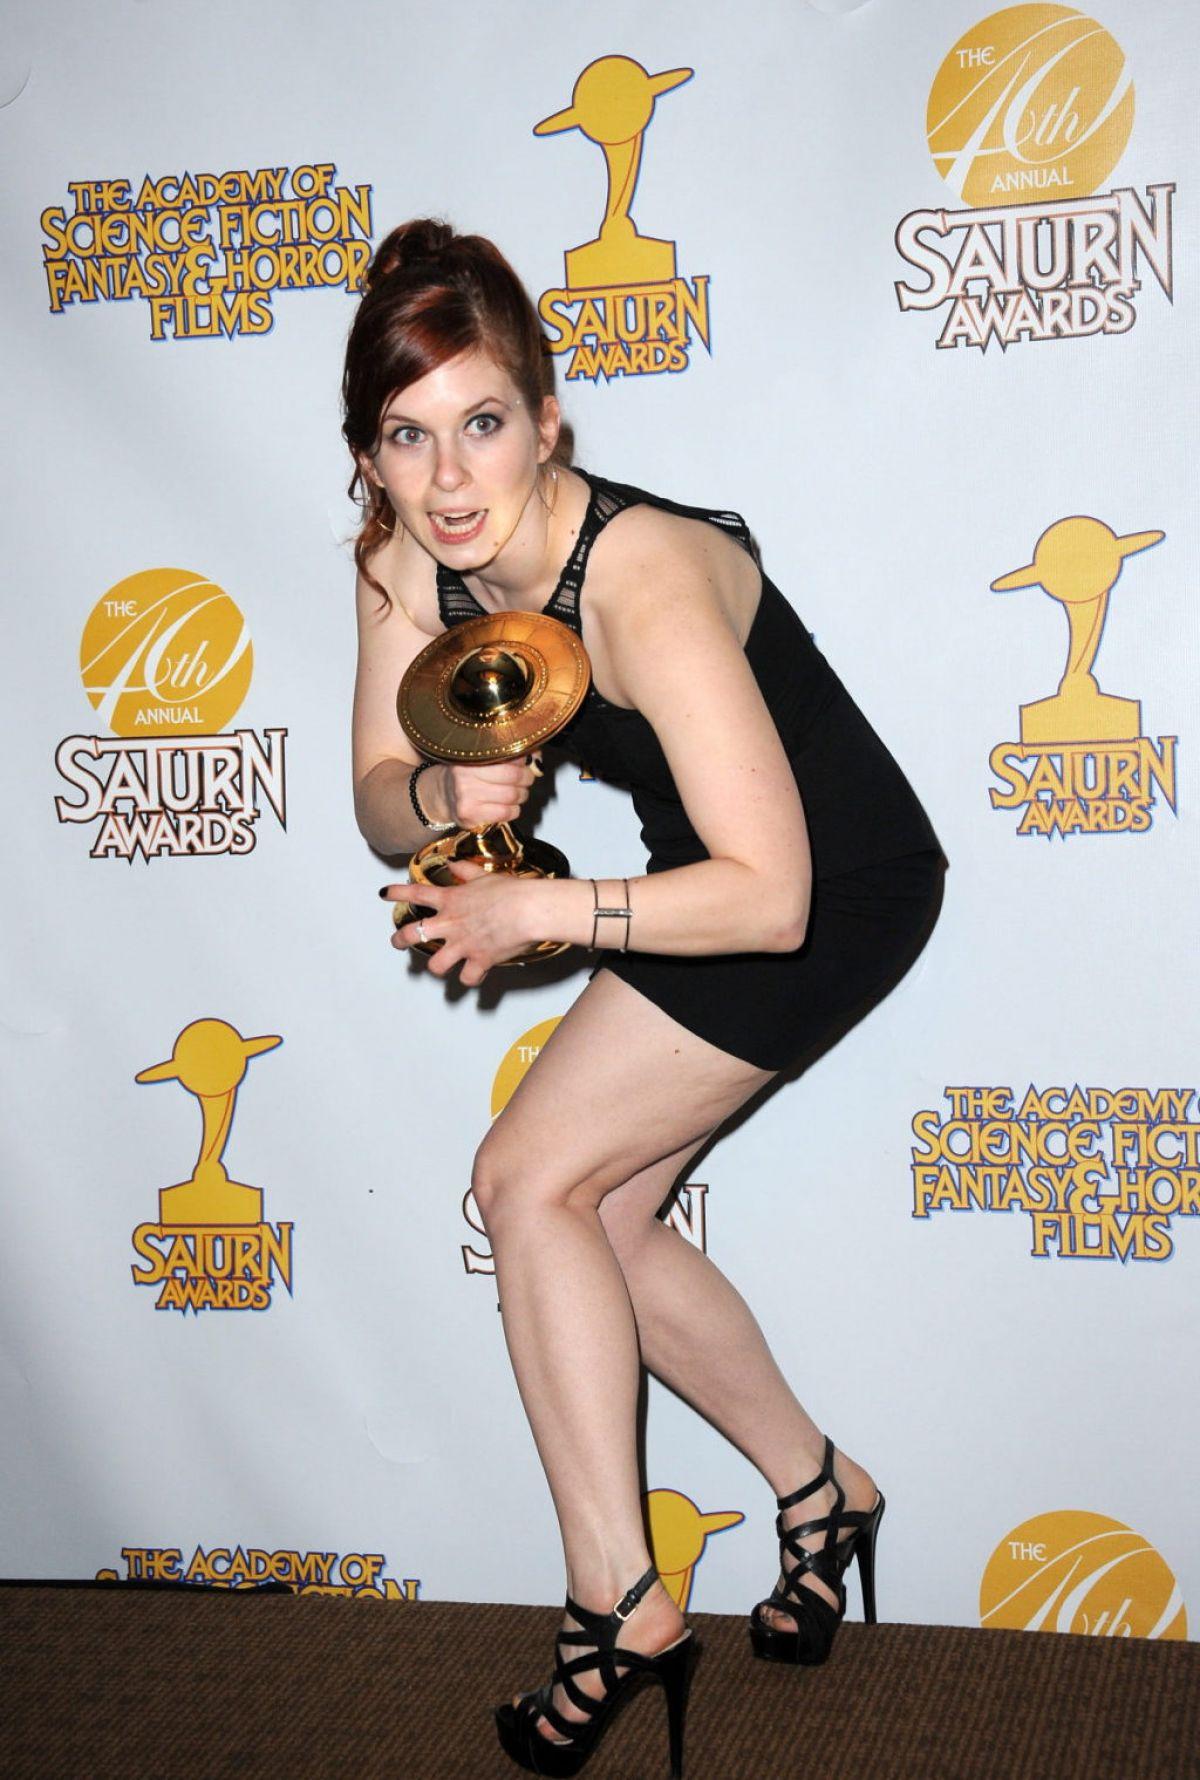 MAGDA APANOWICZ at 2014 Saturn Awards in Burbank